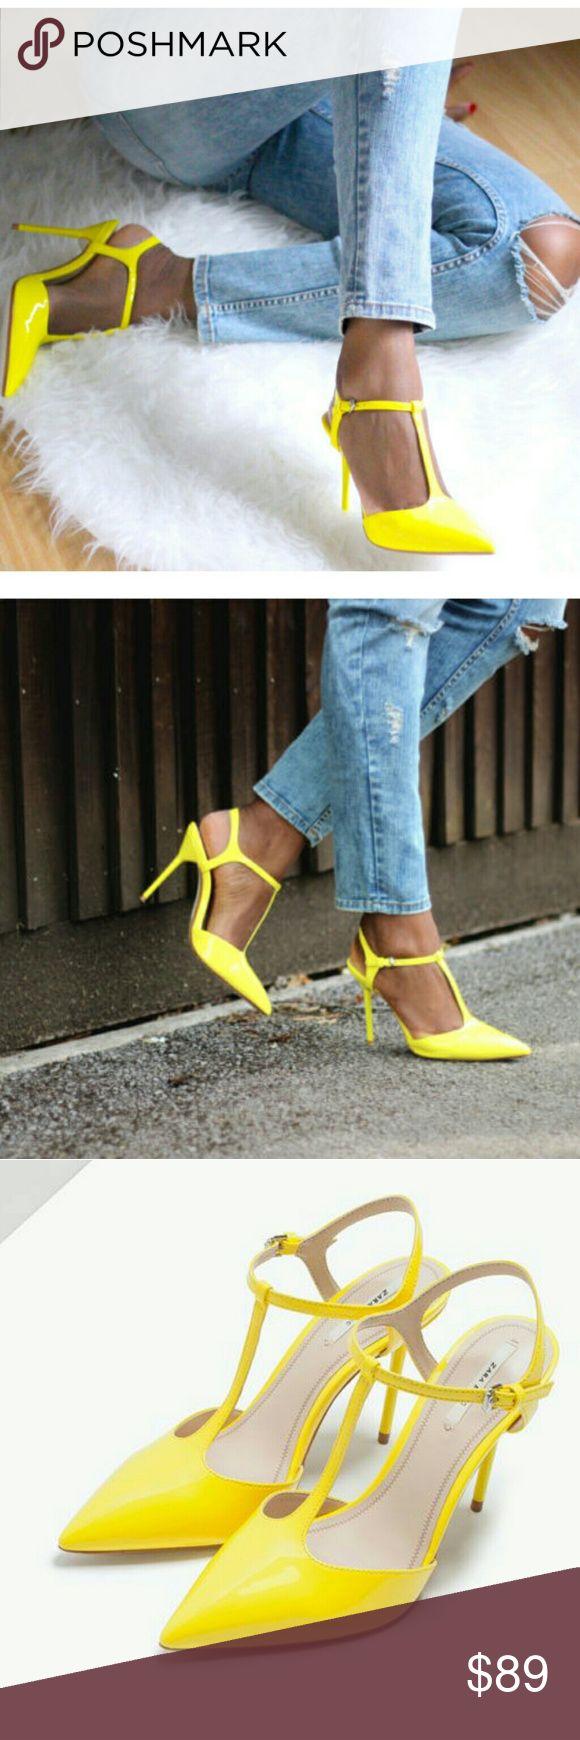 ZARA NEON YELLOW HIGH HEEL SHOES BRAND NEW ZARA NEON YELLOW HIGH HEEL SHOES BRAND NEW Zara Shoes Heels